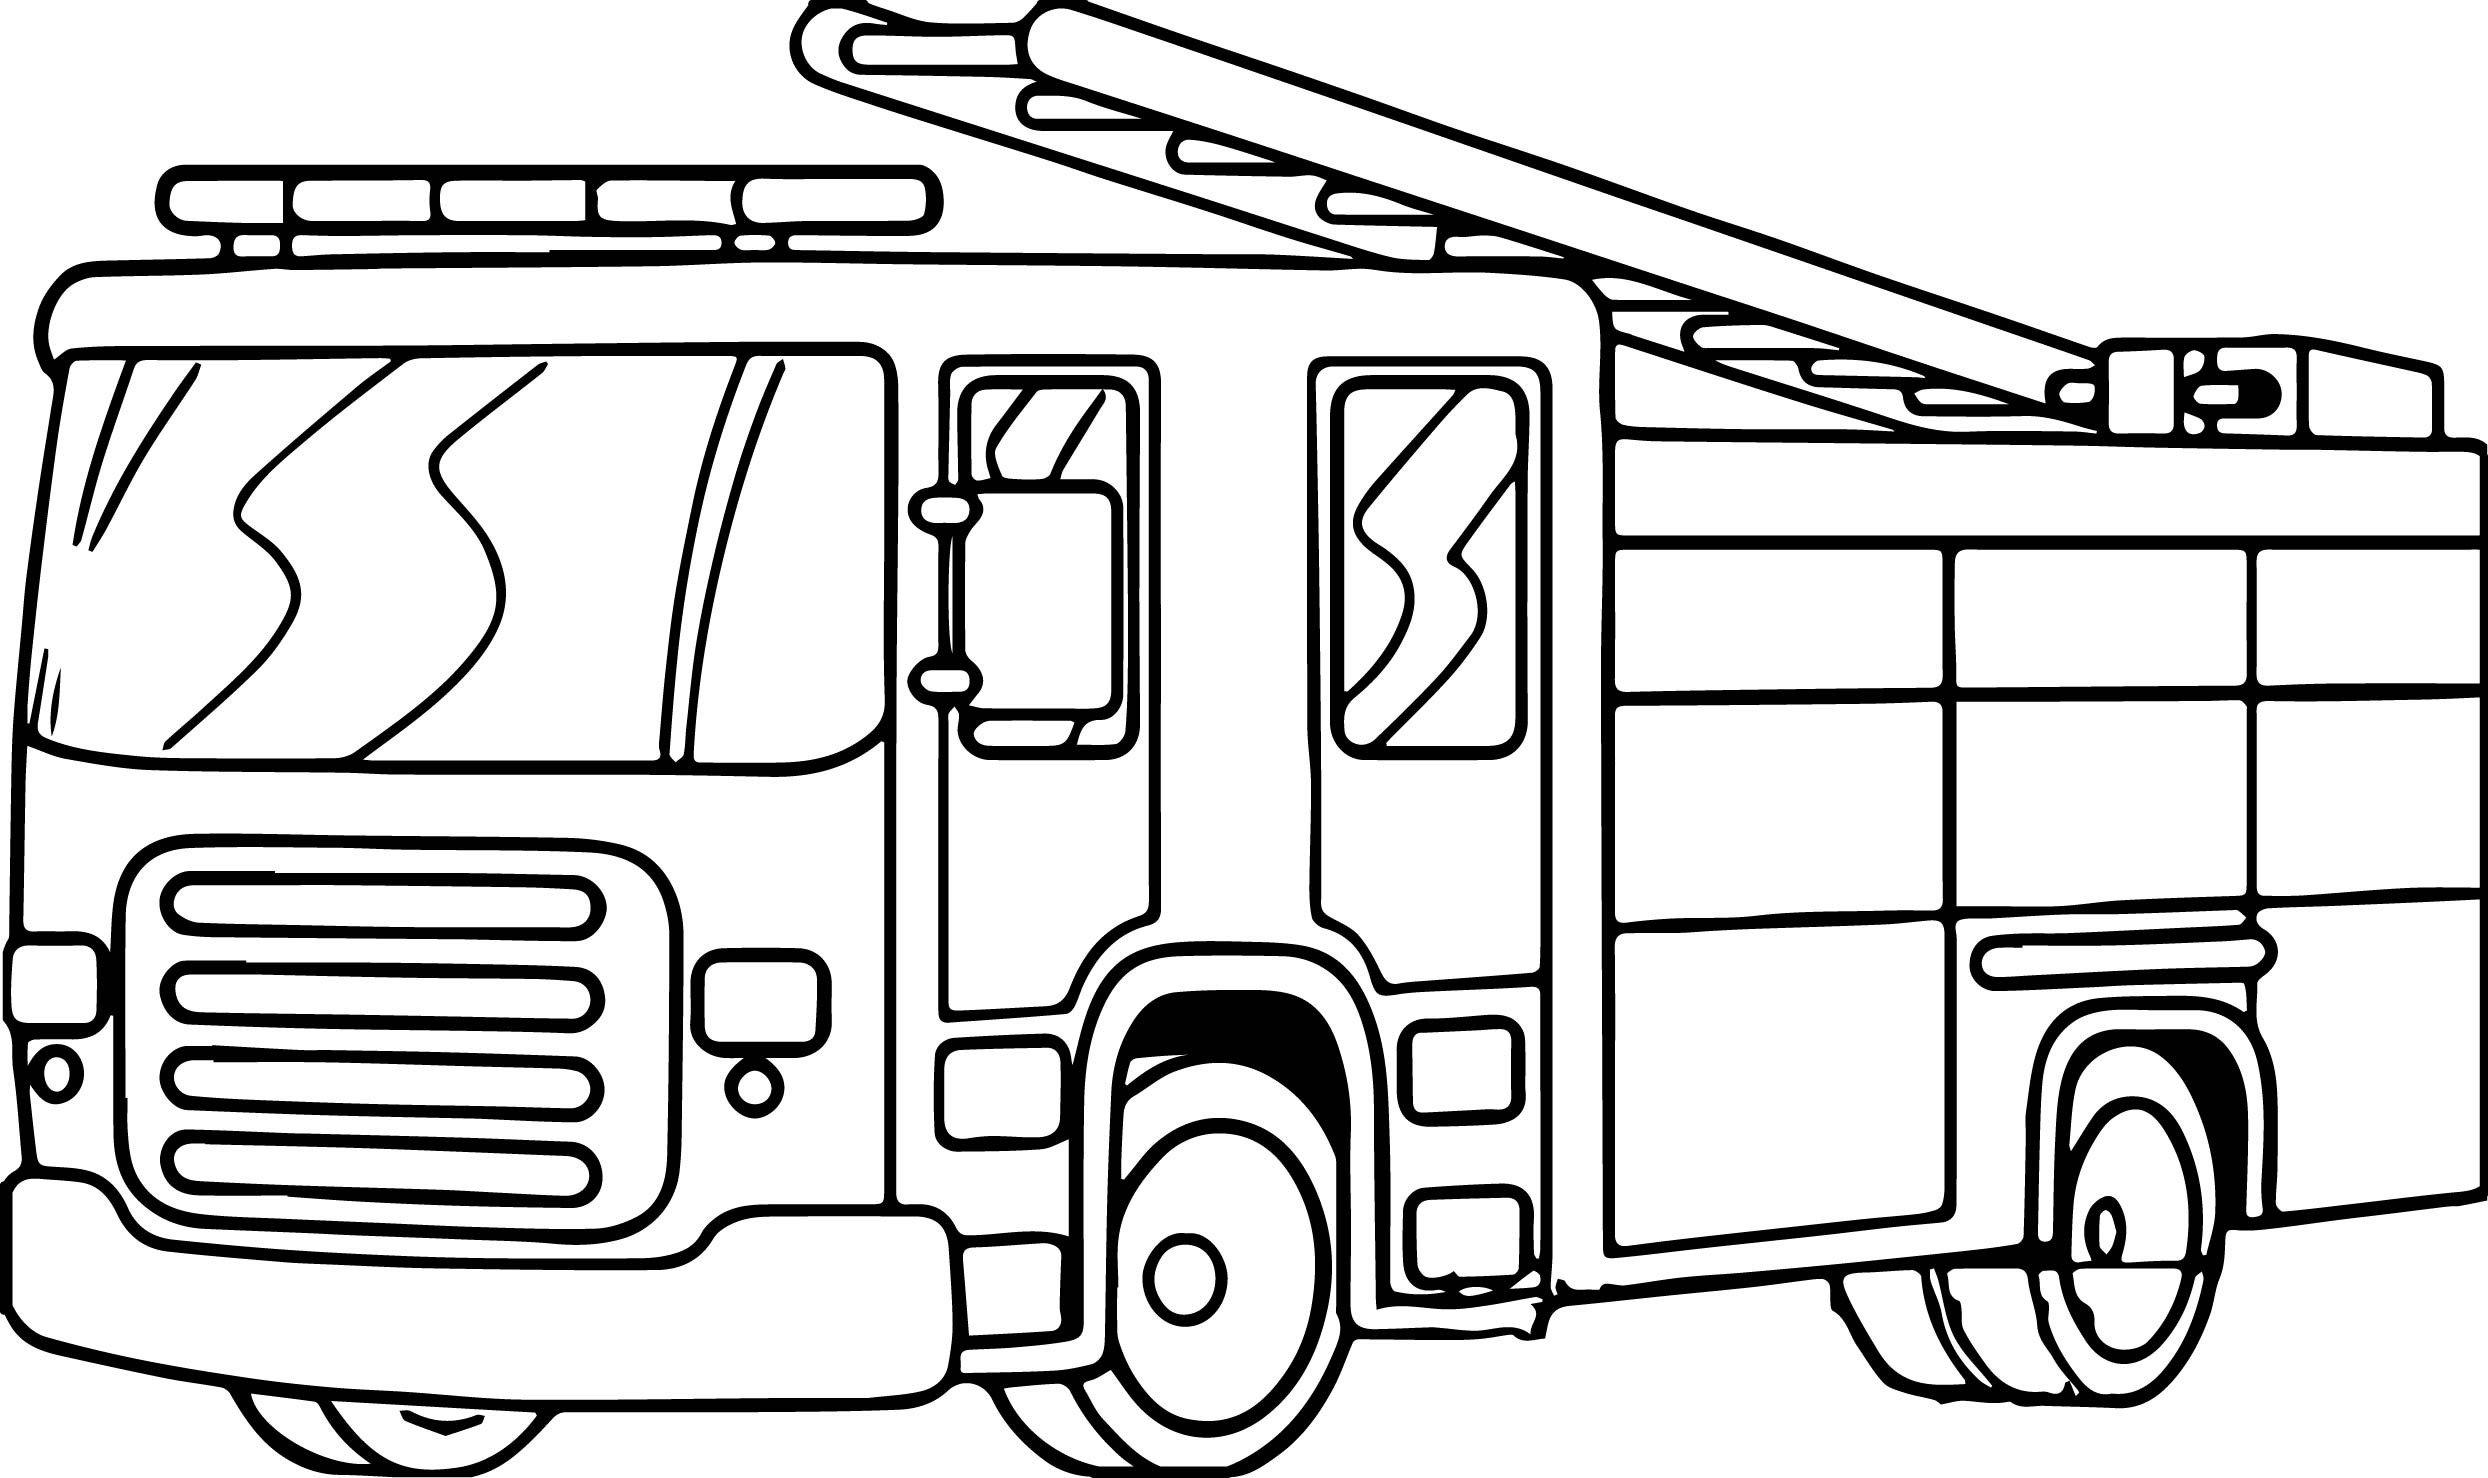 Fire Truck Template Printable Fire Kraken Coloring Pages Printable Coloring Pages